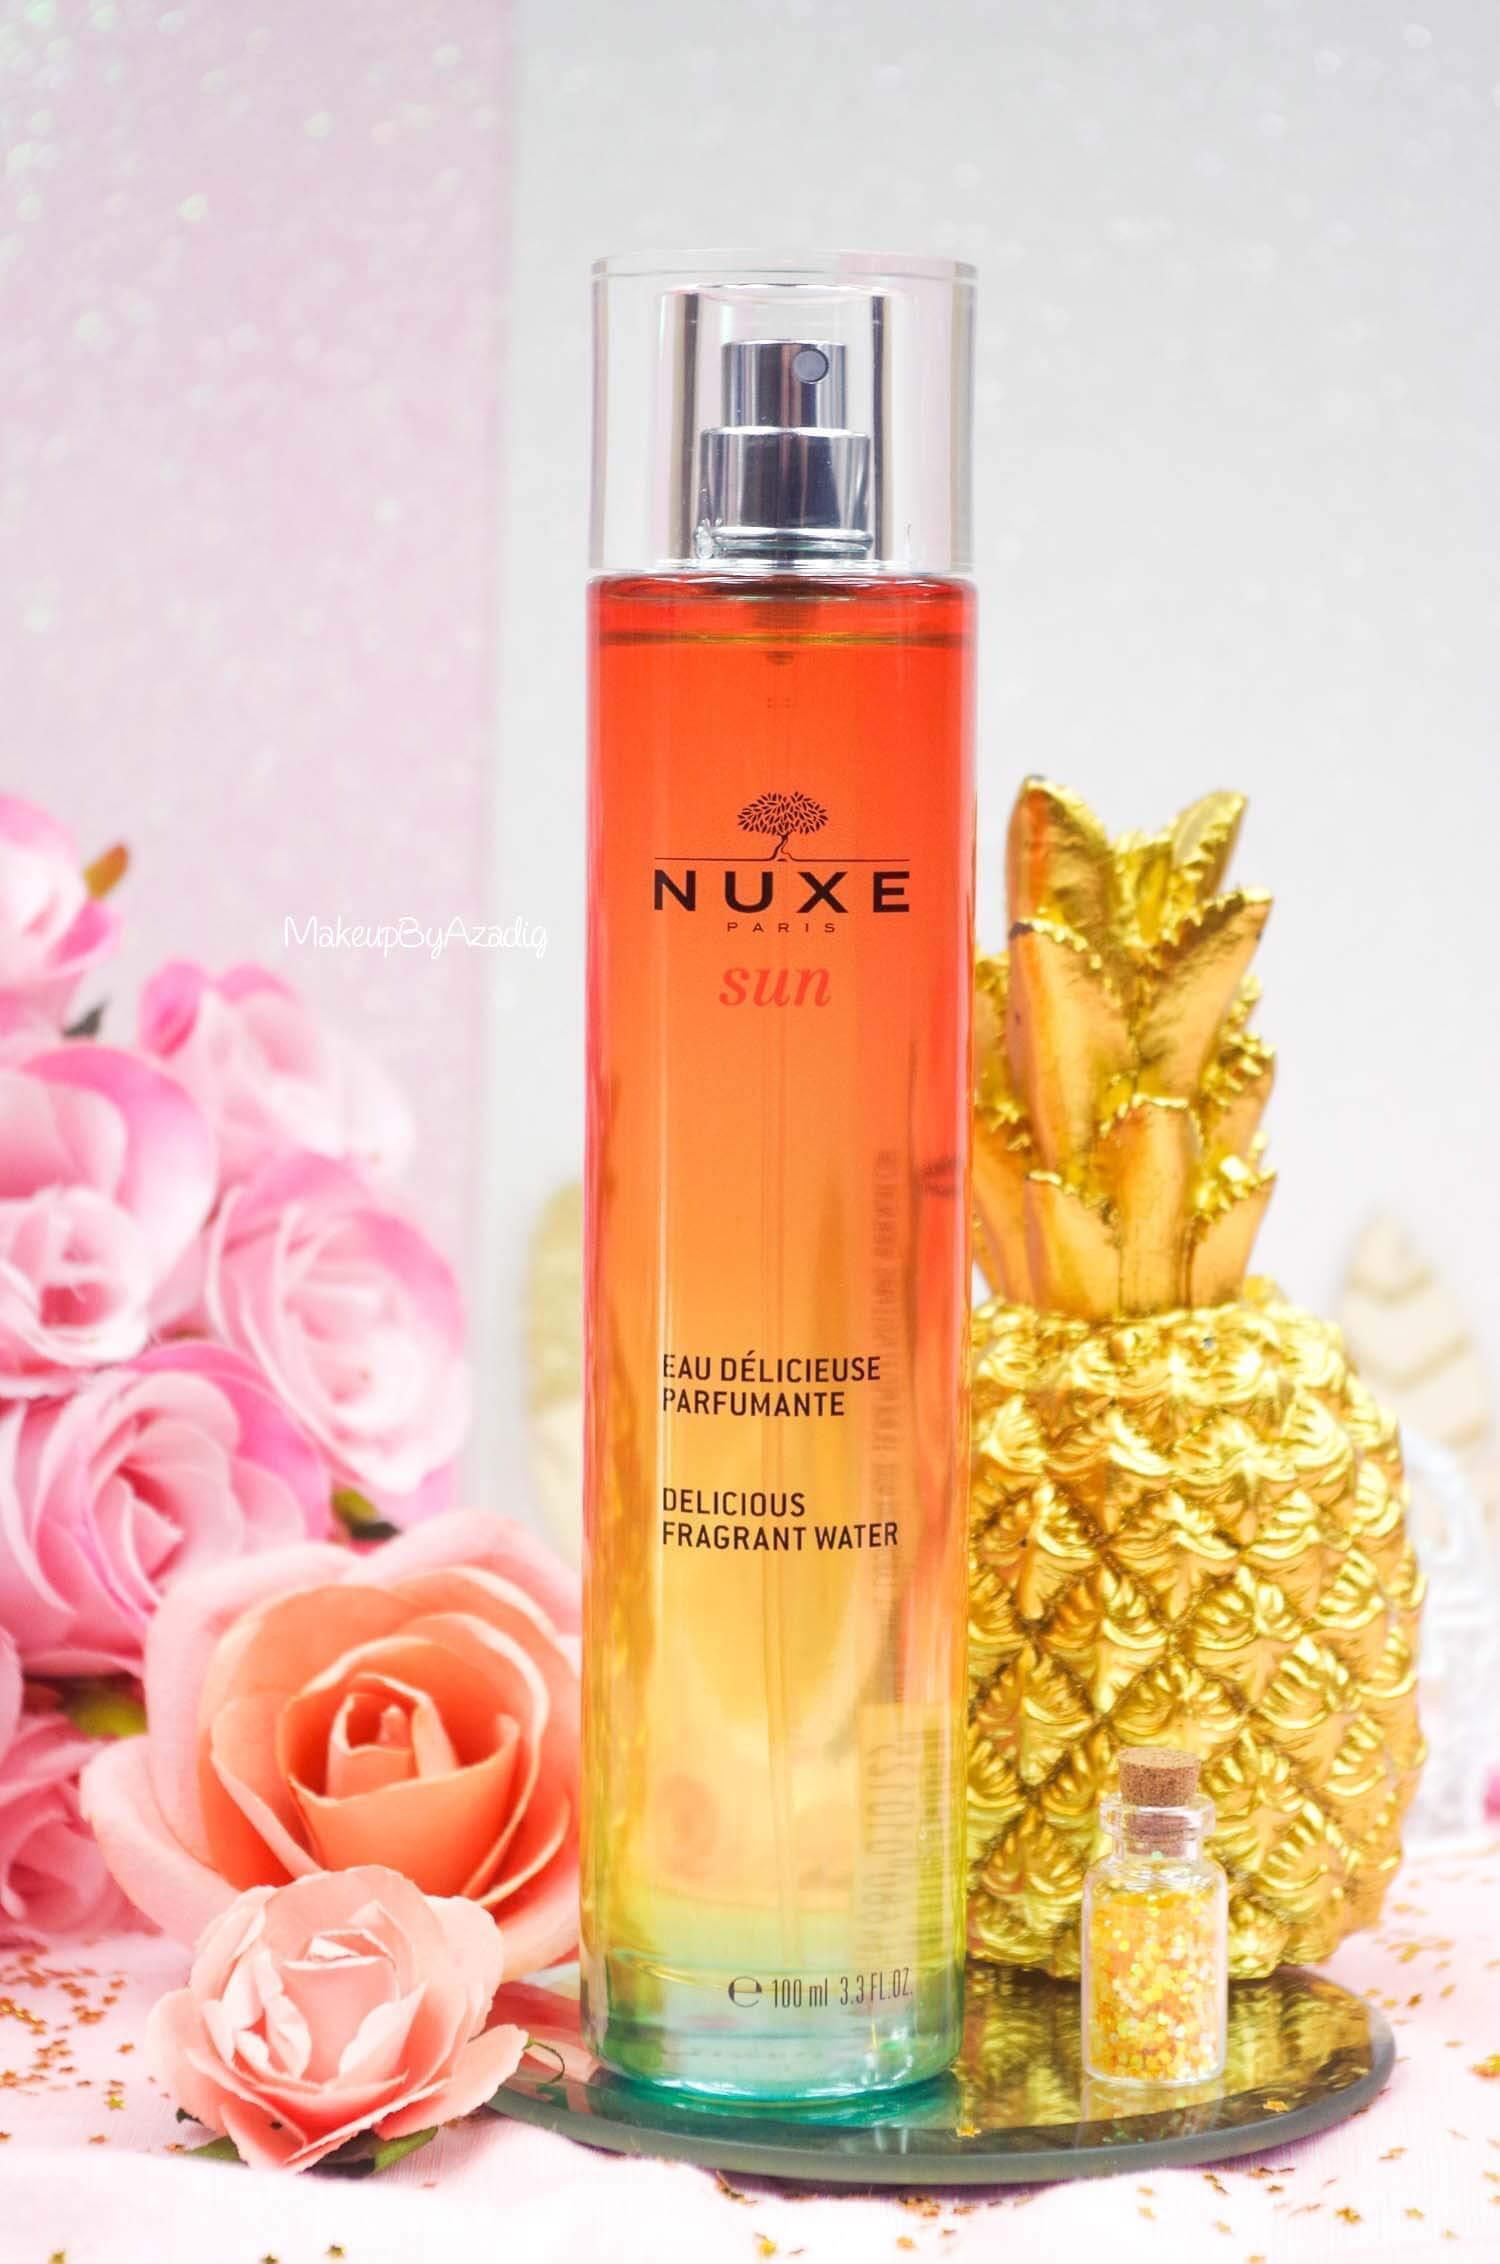 revue-review-eau-delicieuse-parfumante-nuxe-sun-paris-blog-makeupbyazadig-monoi-soleil-parapharmacie-instagram